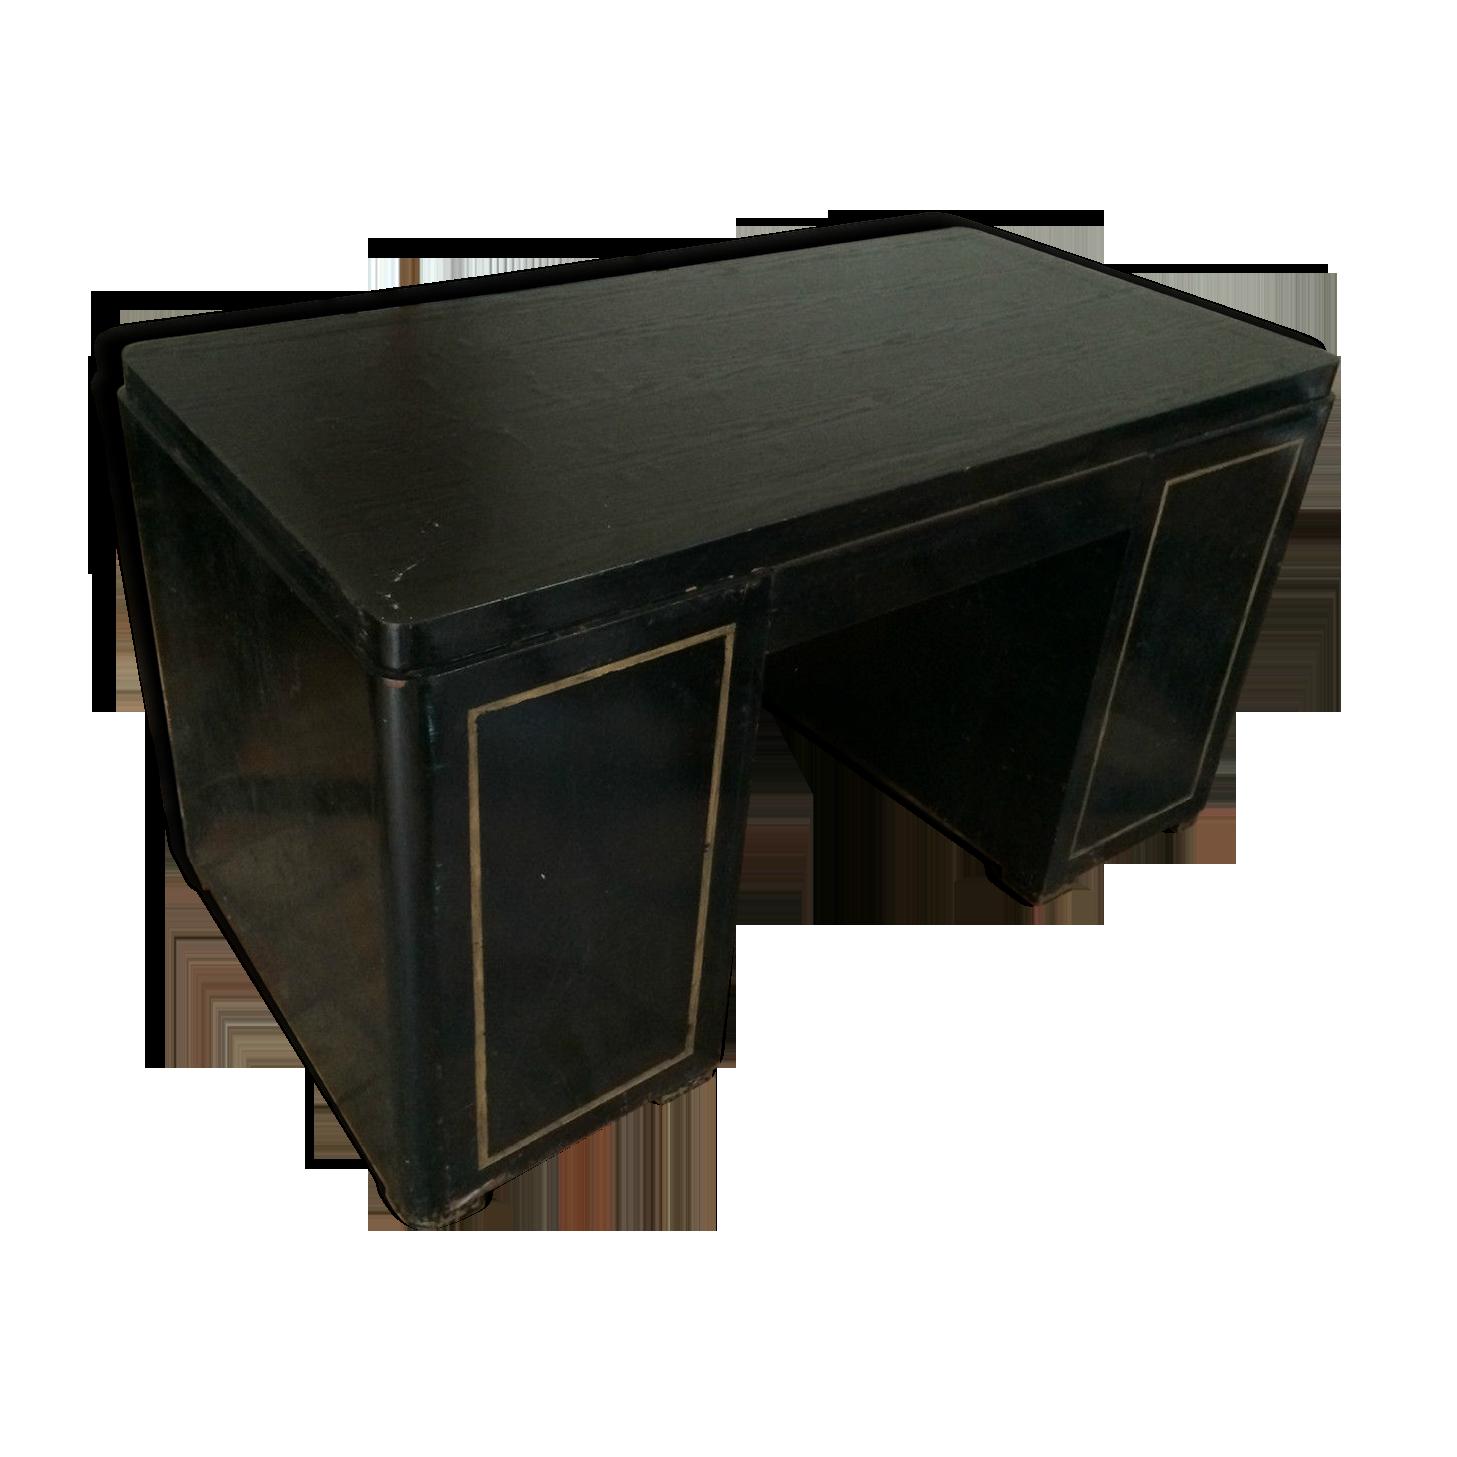 Bureau en bois noirci bois matériau noir vintage vrxd zq